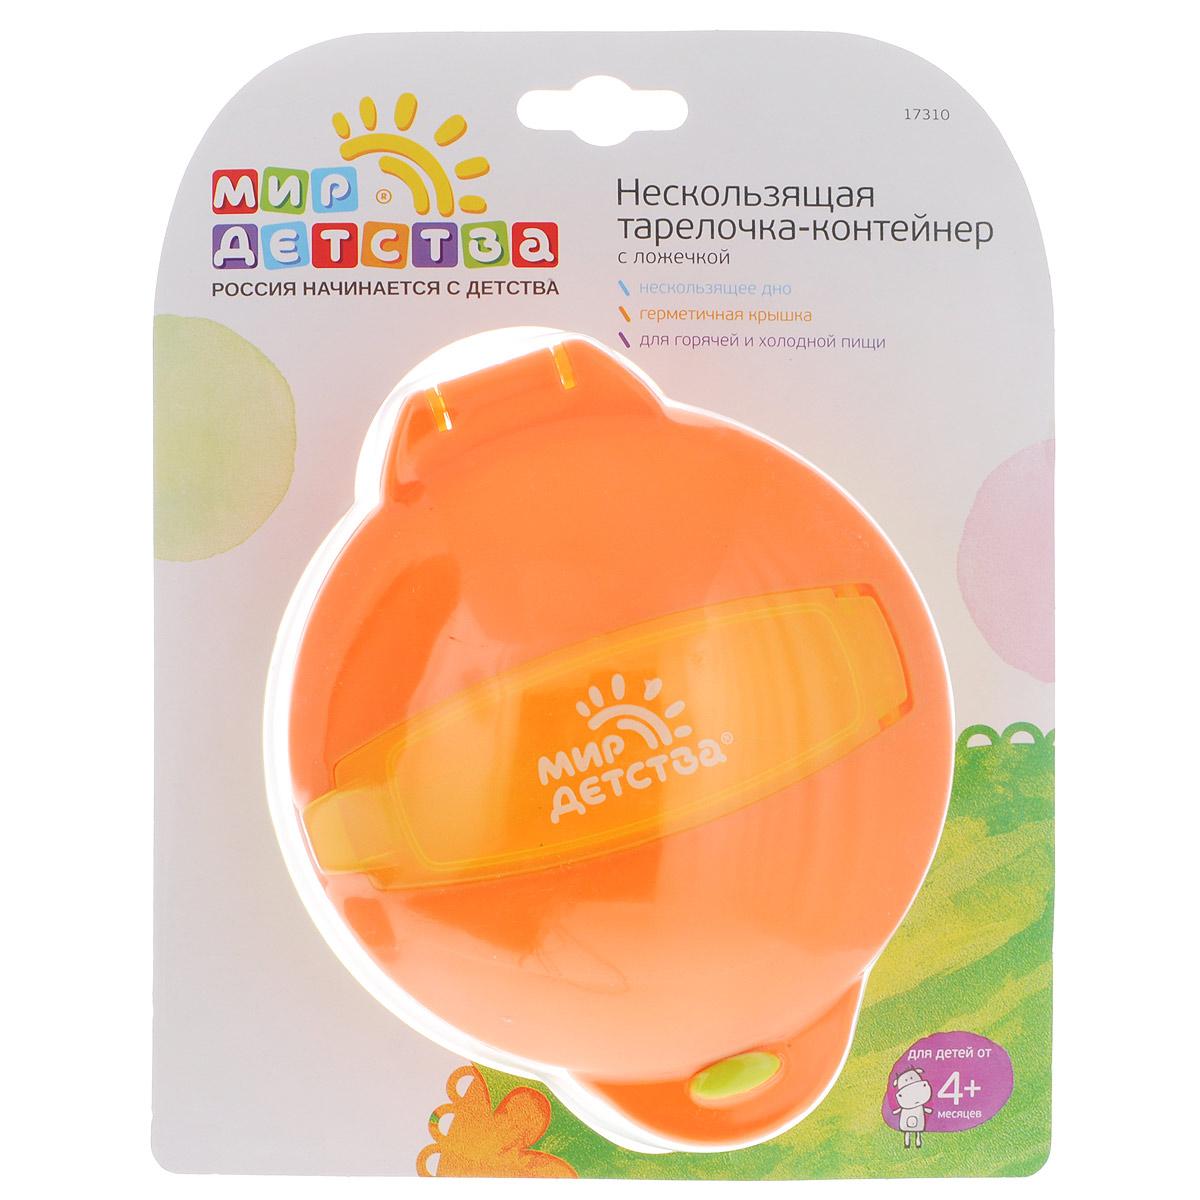 Тарелочка-контейнер с ложечкой Мир детства, от 4 месяцев, цвет: оранжевый, желтый браслеты nina ricci nr 70187650108190